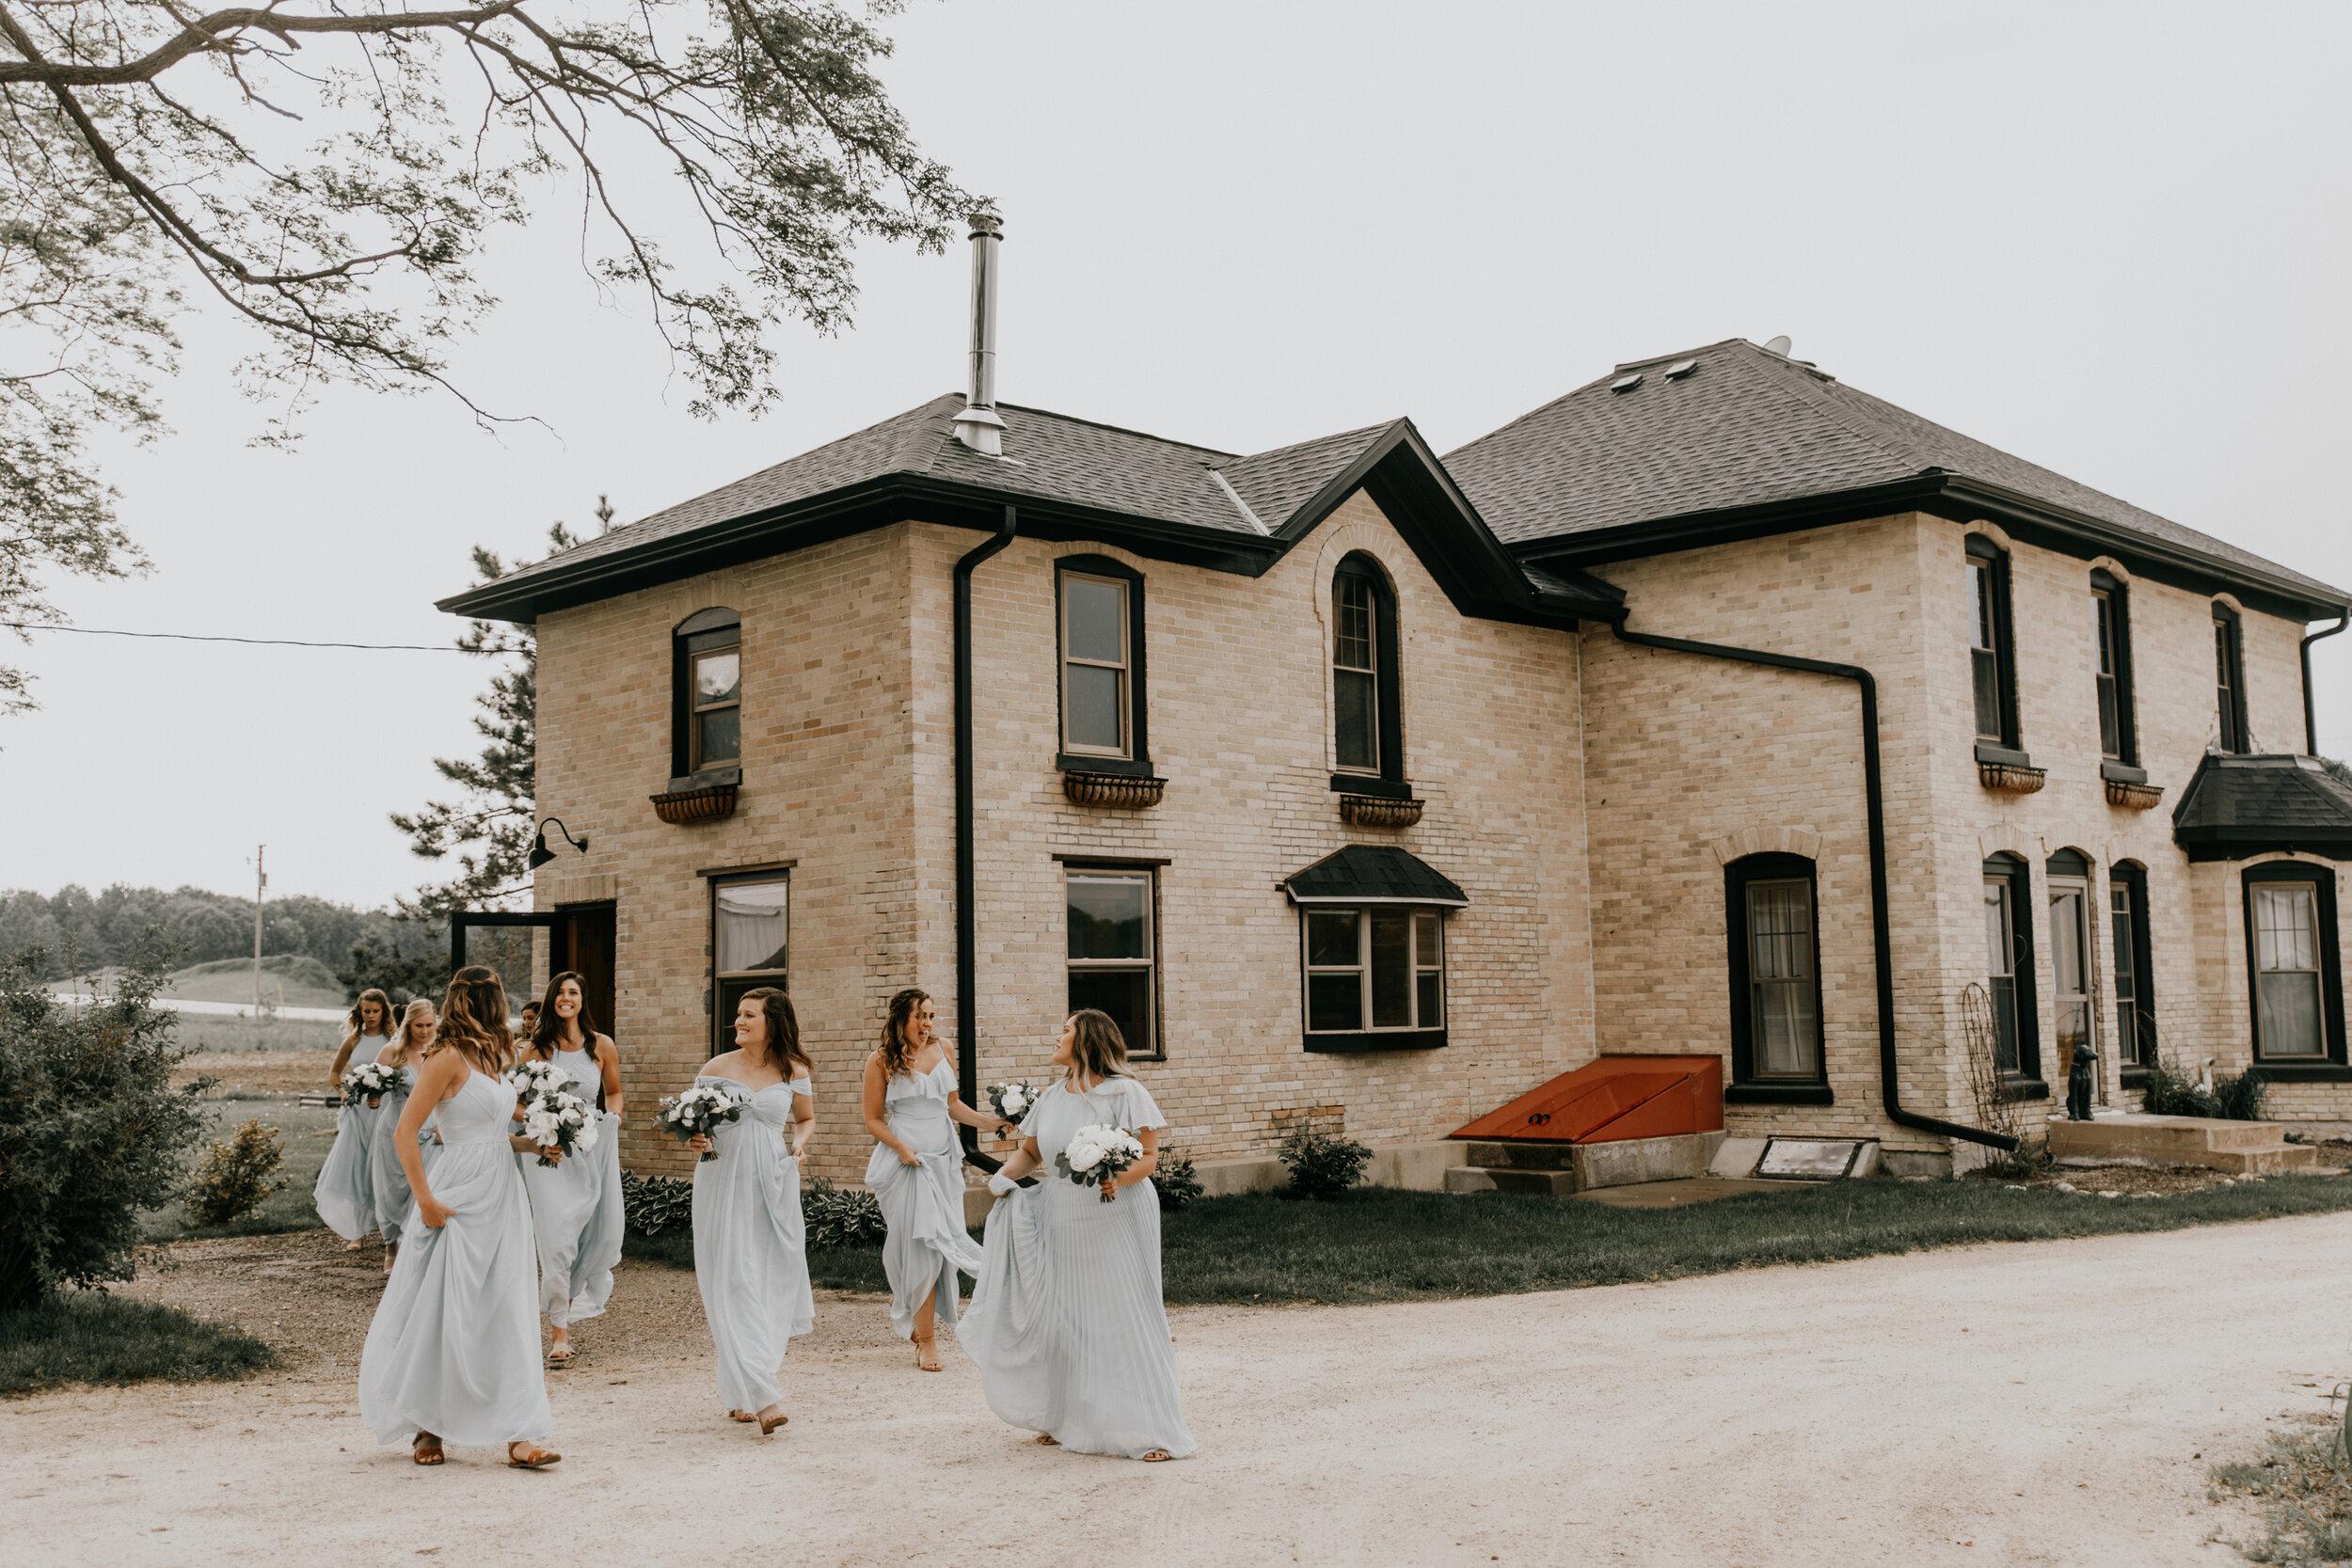 WeddingphotographerSanDiego.jpg